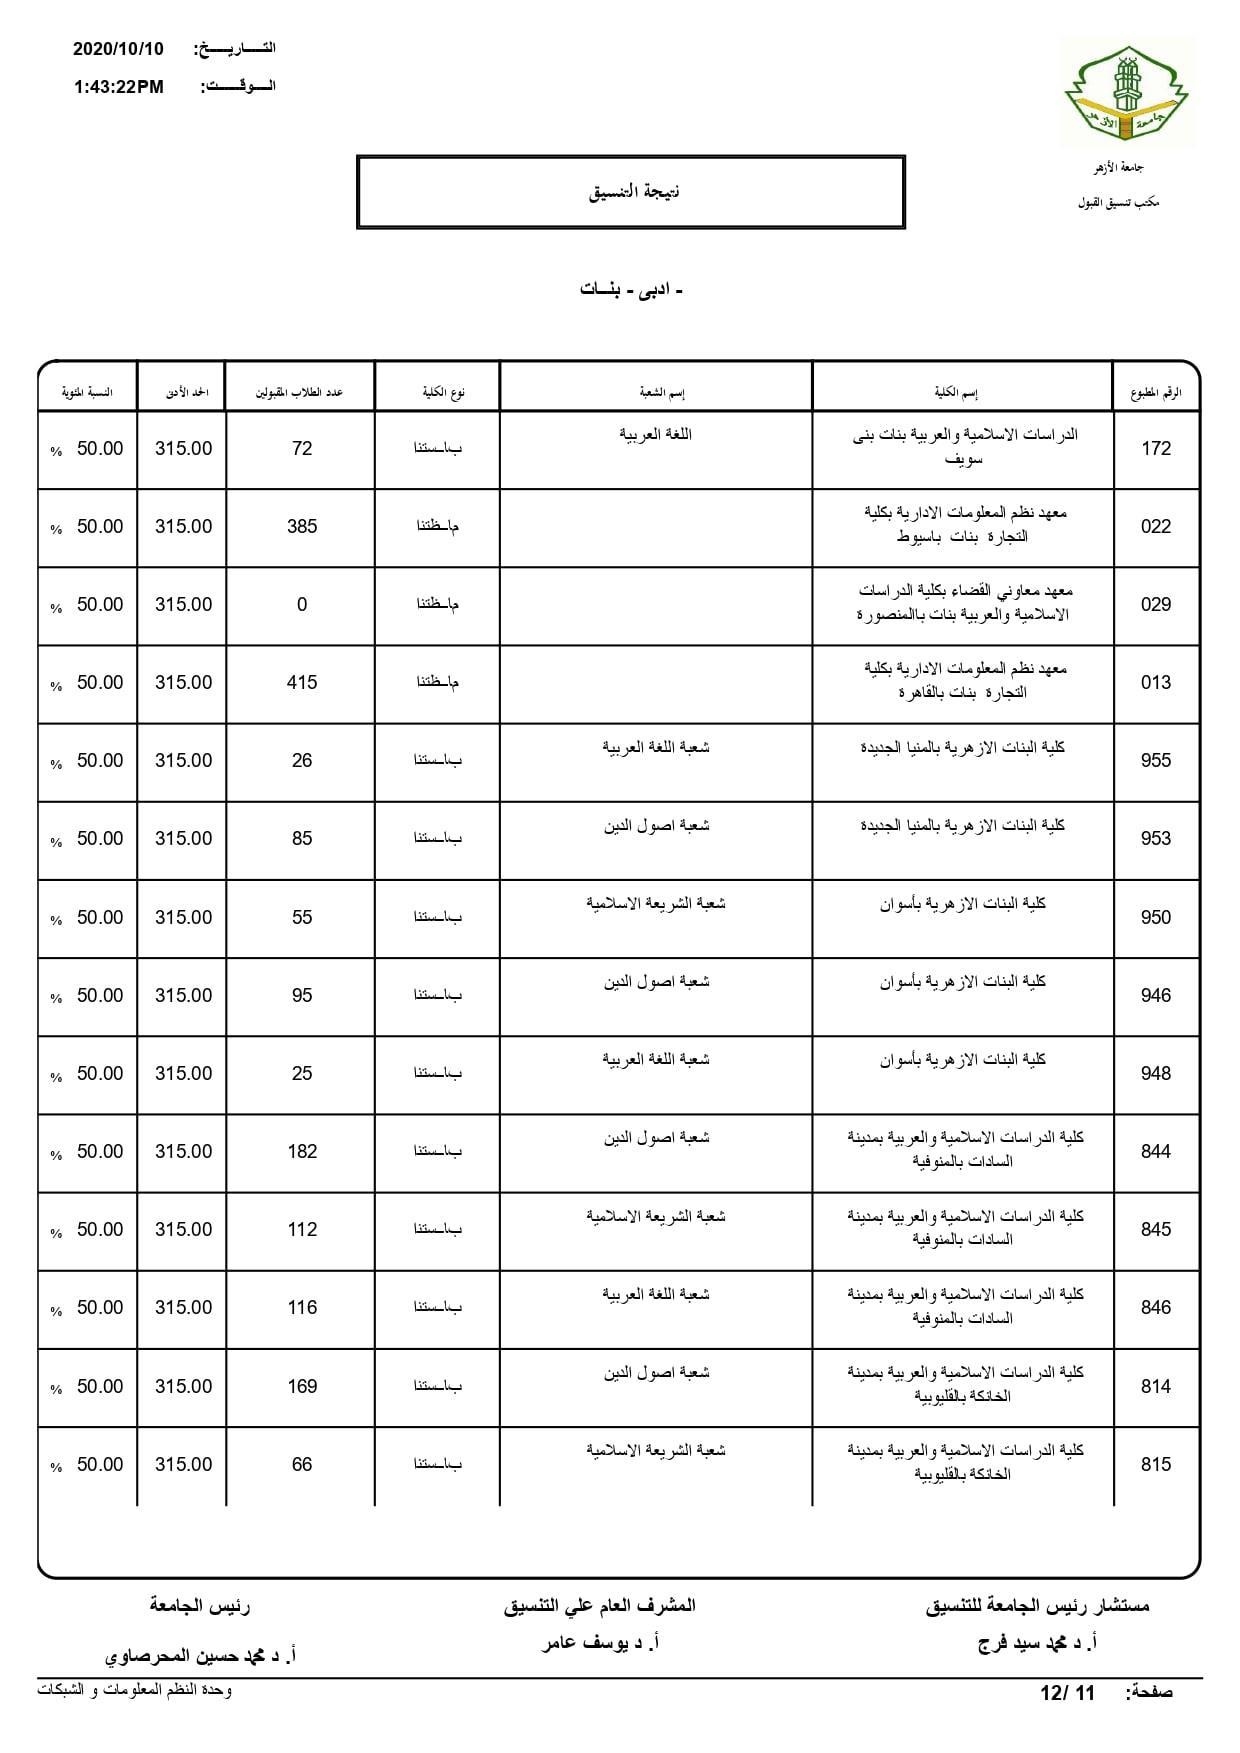 نتيجة تنسيق كليات جامعة الأزهر لعام 2020 بالكامل 20201010202727521